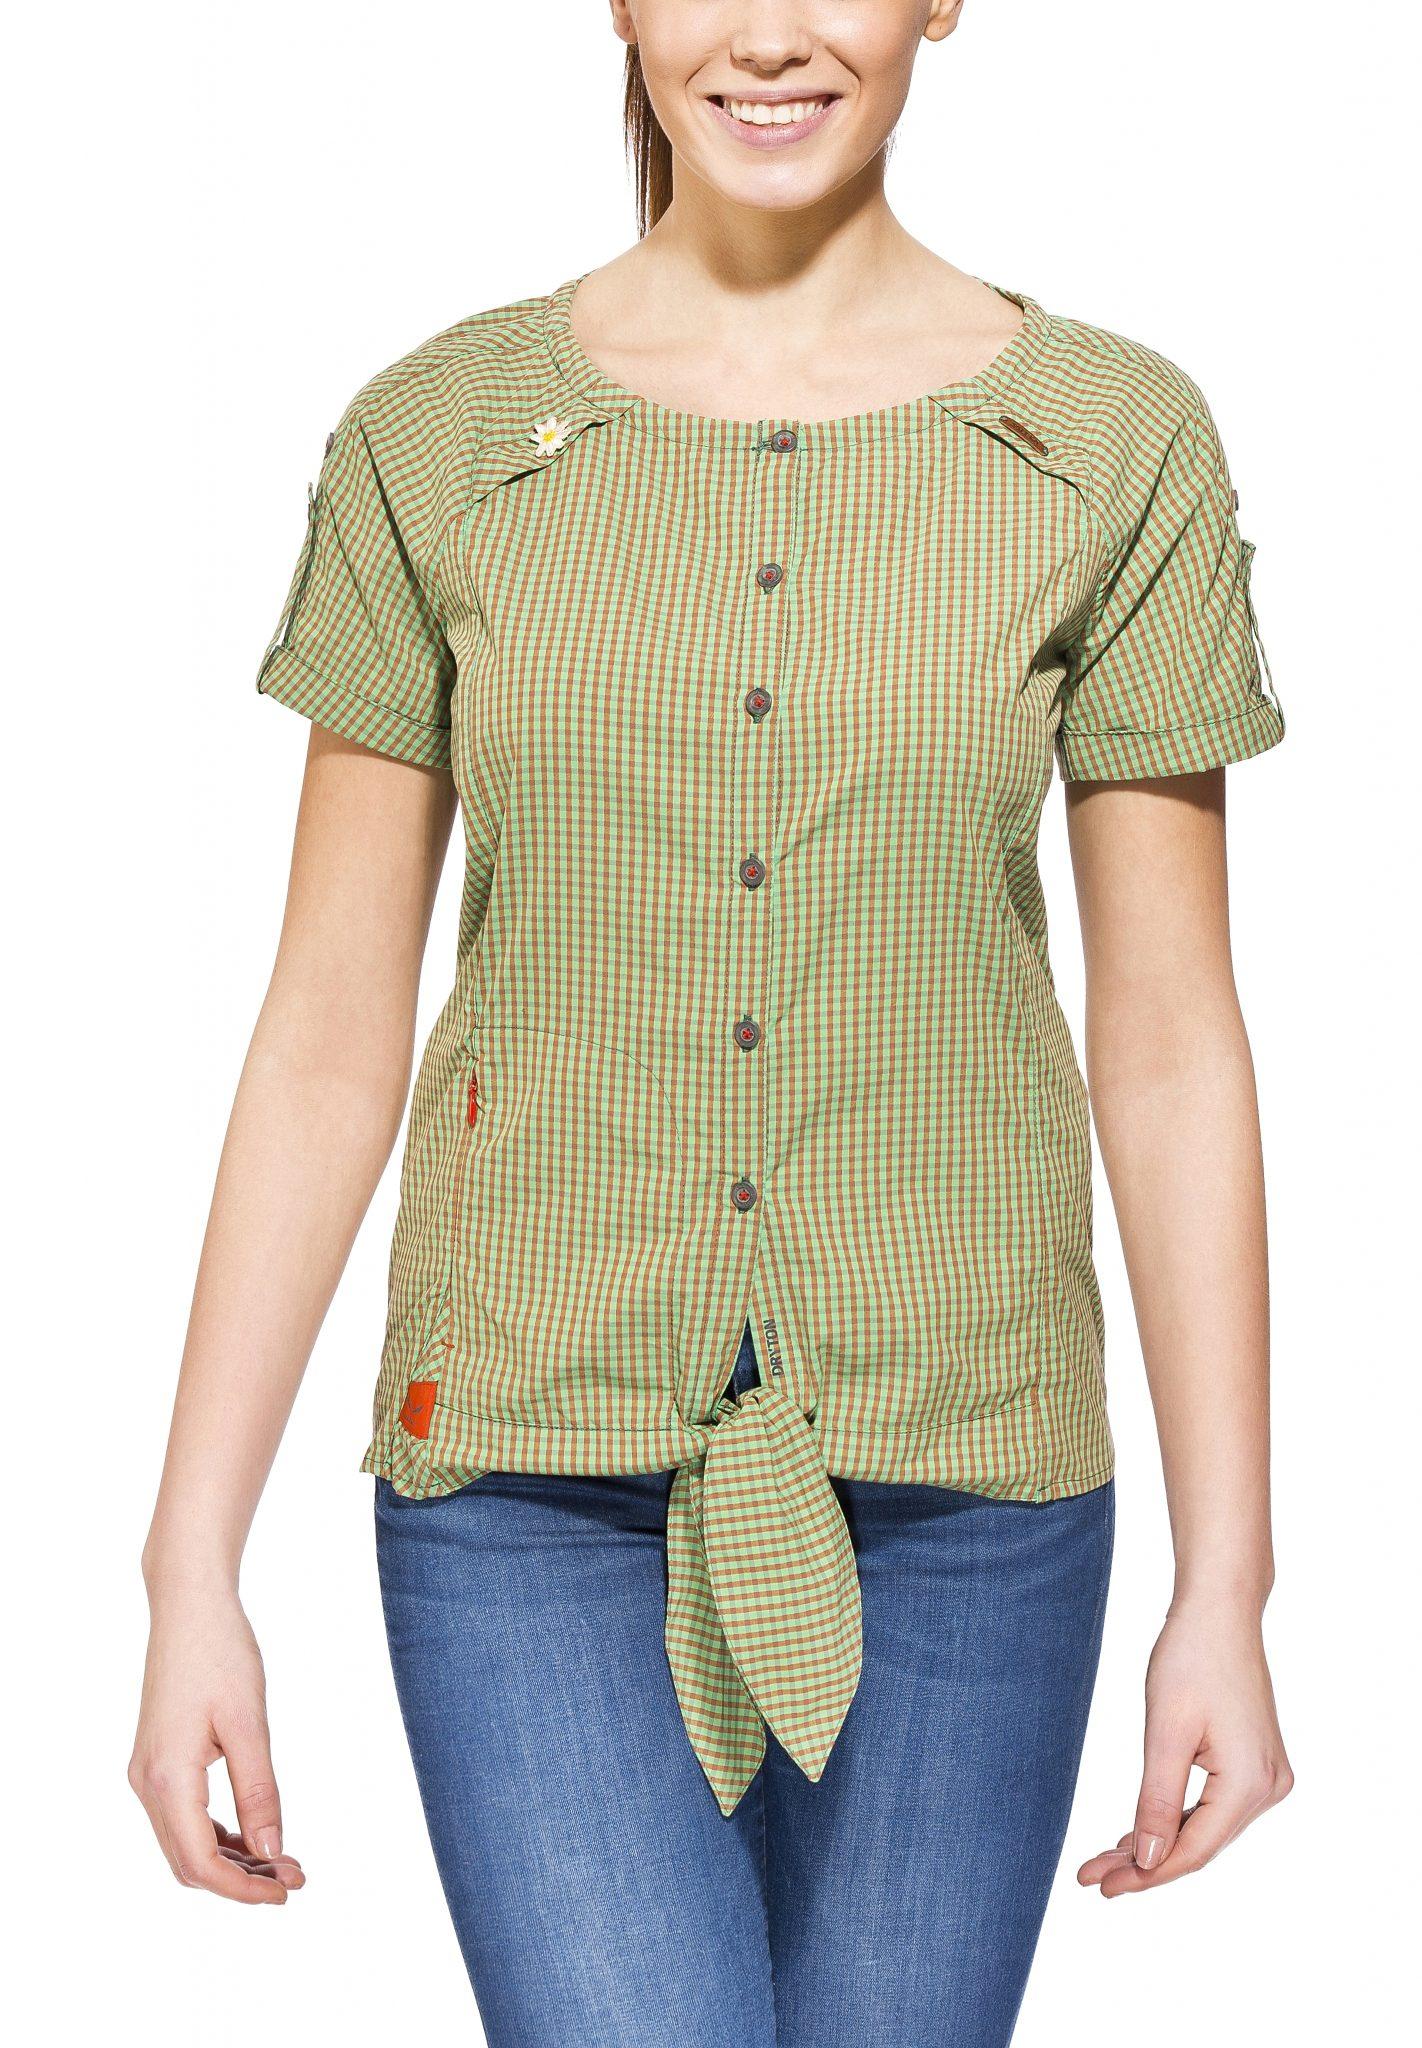 Salewa T-Shirt »Landro Dry S/S Shirt Women«